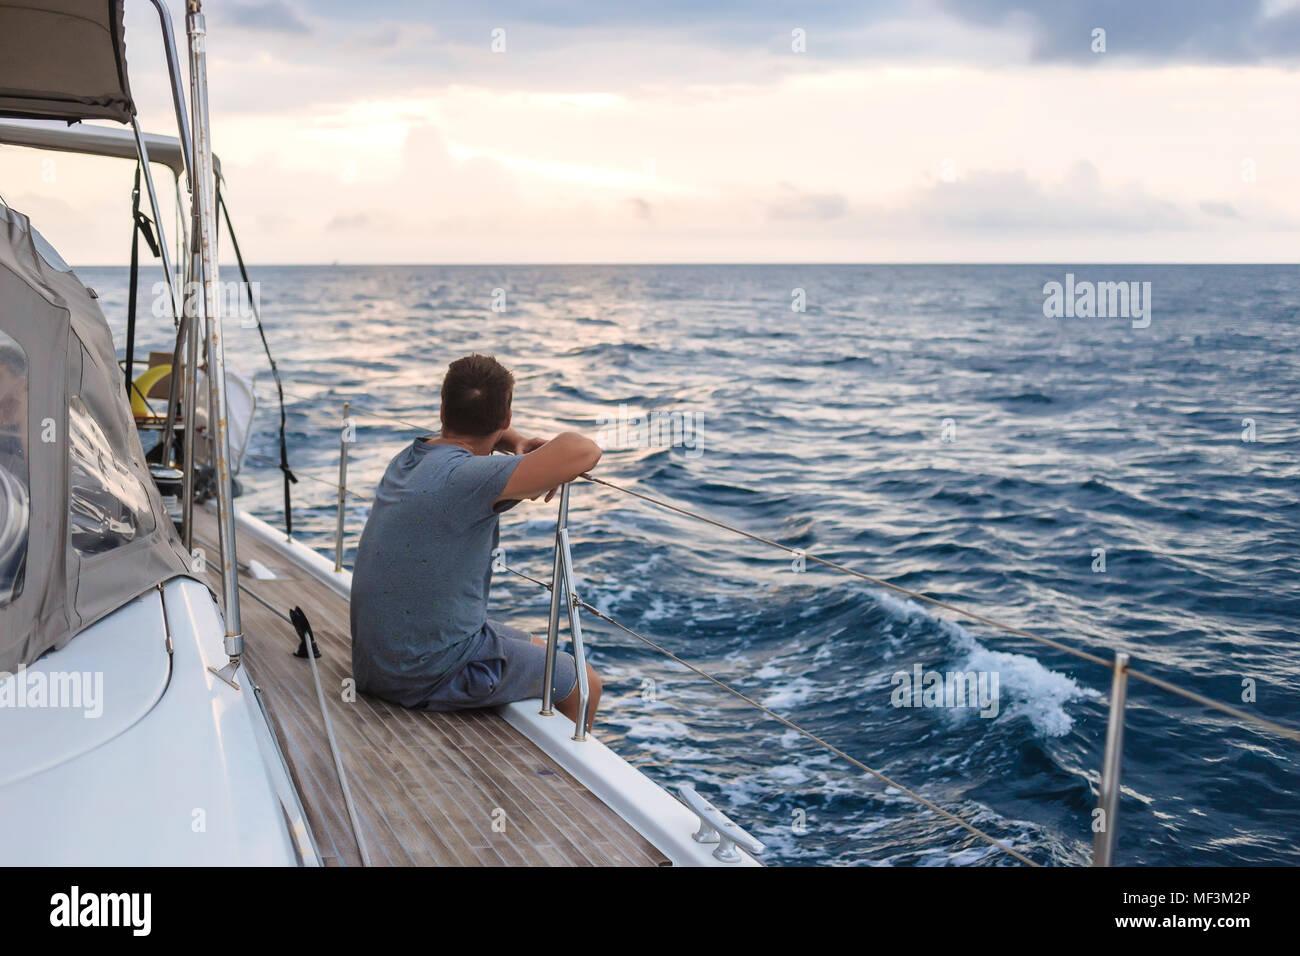 Indonesia, la isla de Lombok, hombre sentado en la cubierta de un barco de vela Imagen De Stock